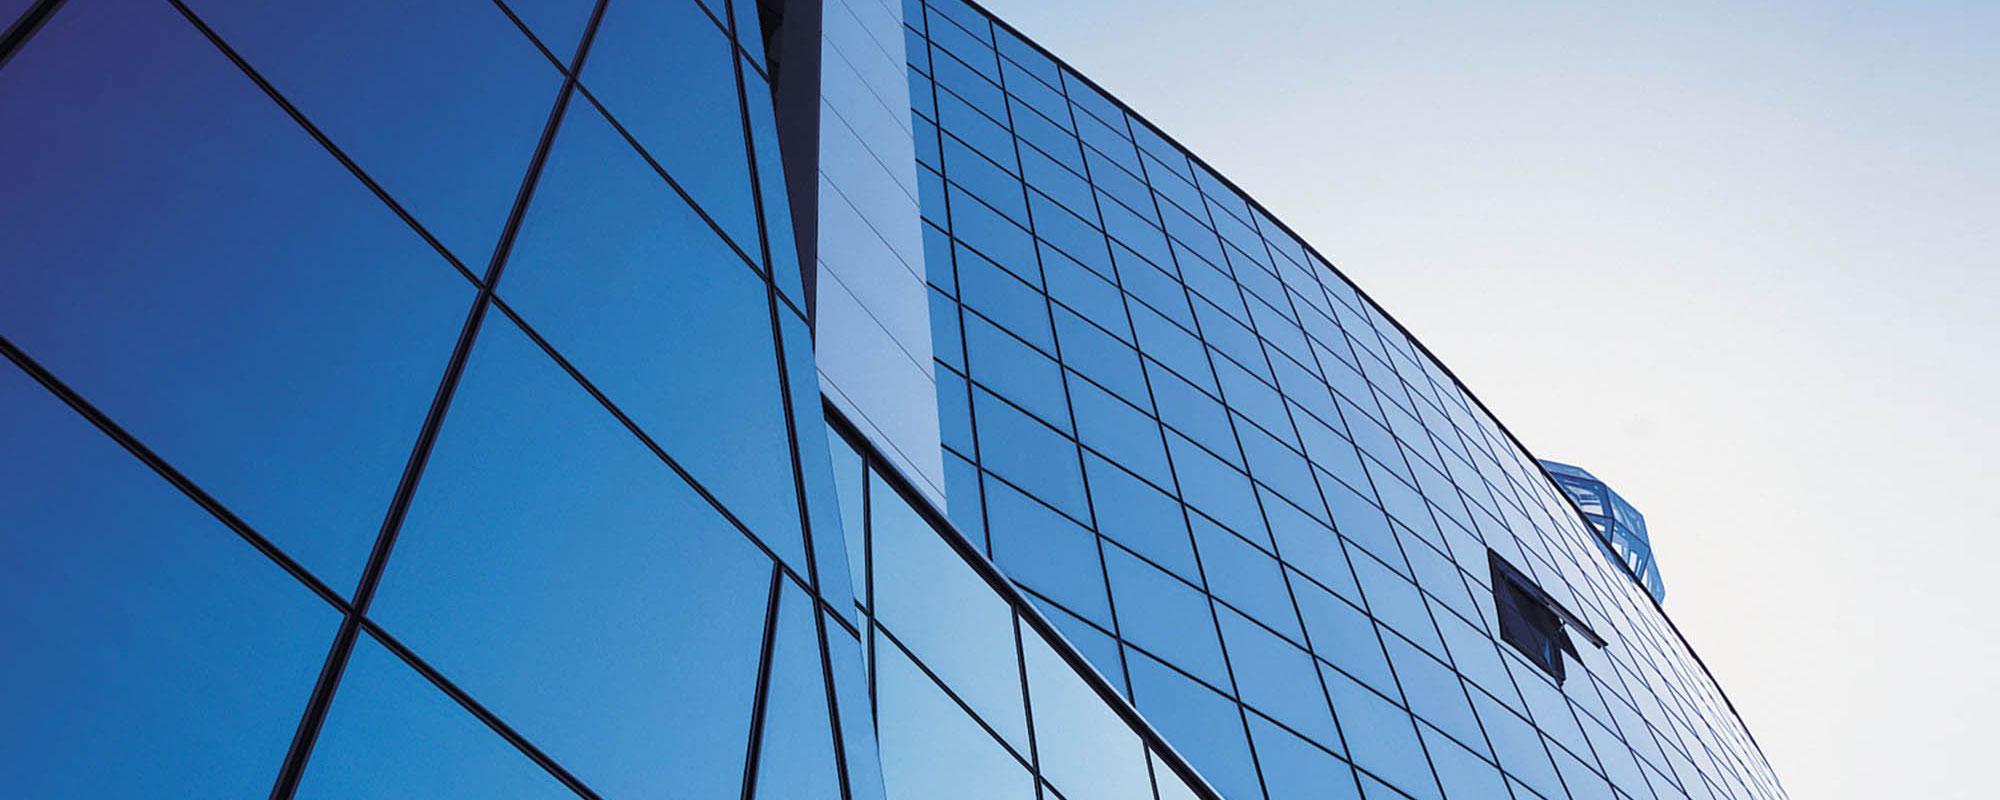 Вітражне скління фасадів